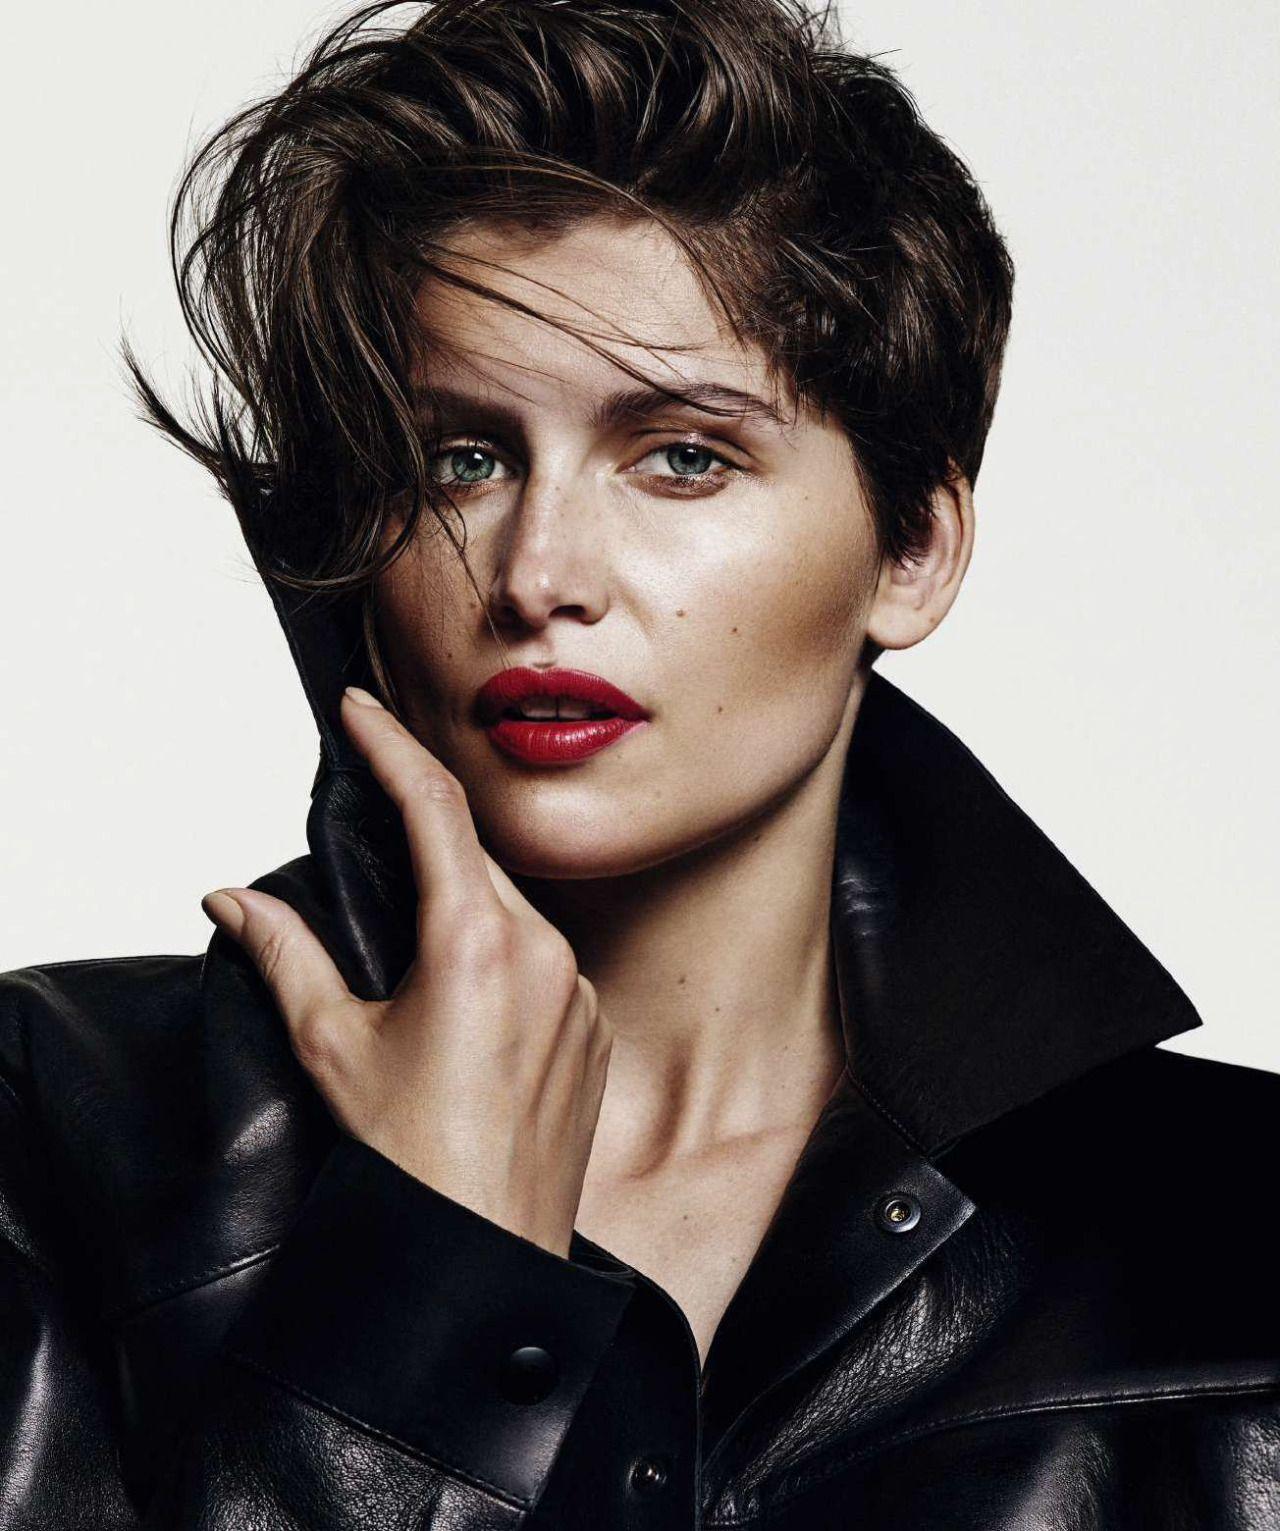 Laetitia Casta par Alique pour Harpers's Bazaar Espagne #photo #portrait #pinup #glamour #sexy #laetitiacasta #alique #harpersbazaars #spain #espagne